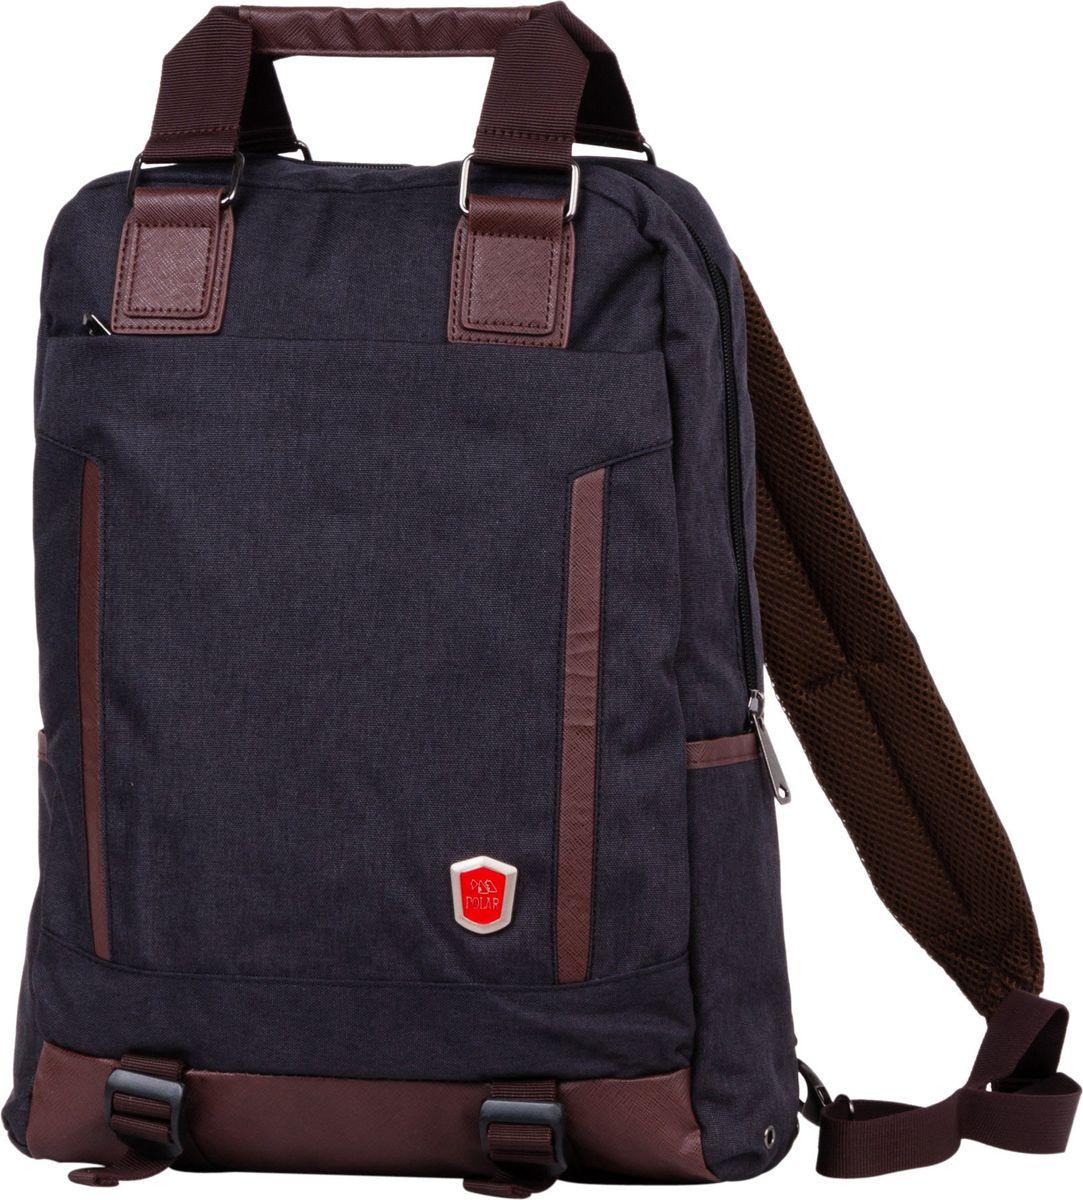 Рюкзак-сумка городской Polar, цвет: черный, 12 л. 541-13